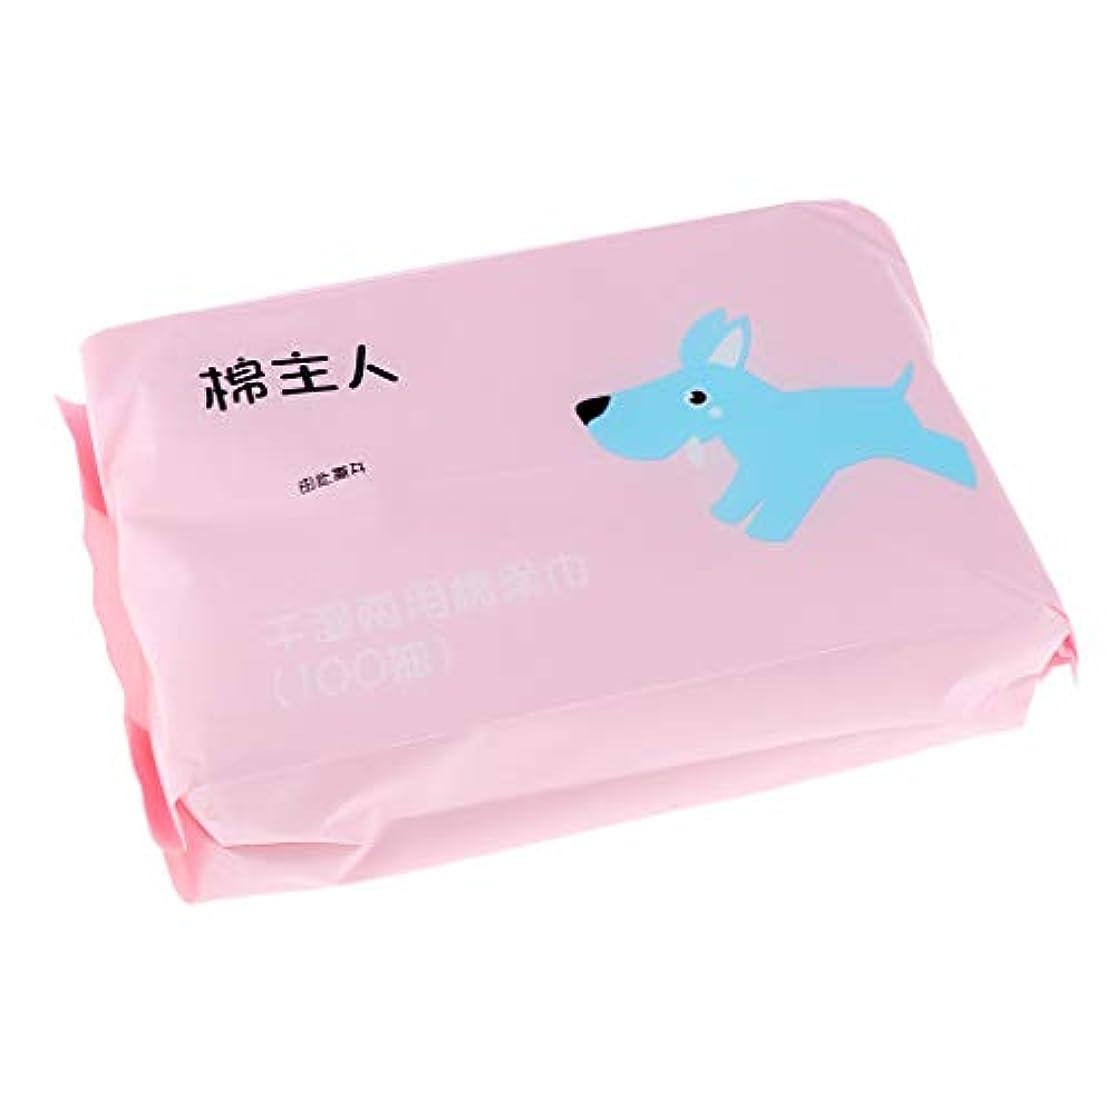 全体に王室寝具約100枚 使い捨て クレンジングシート ソフト 2色選べ - ピンク